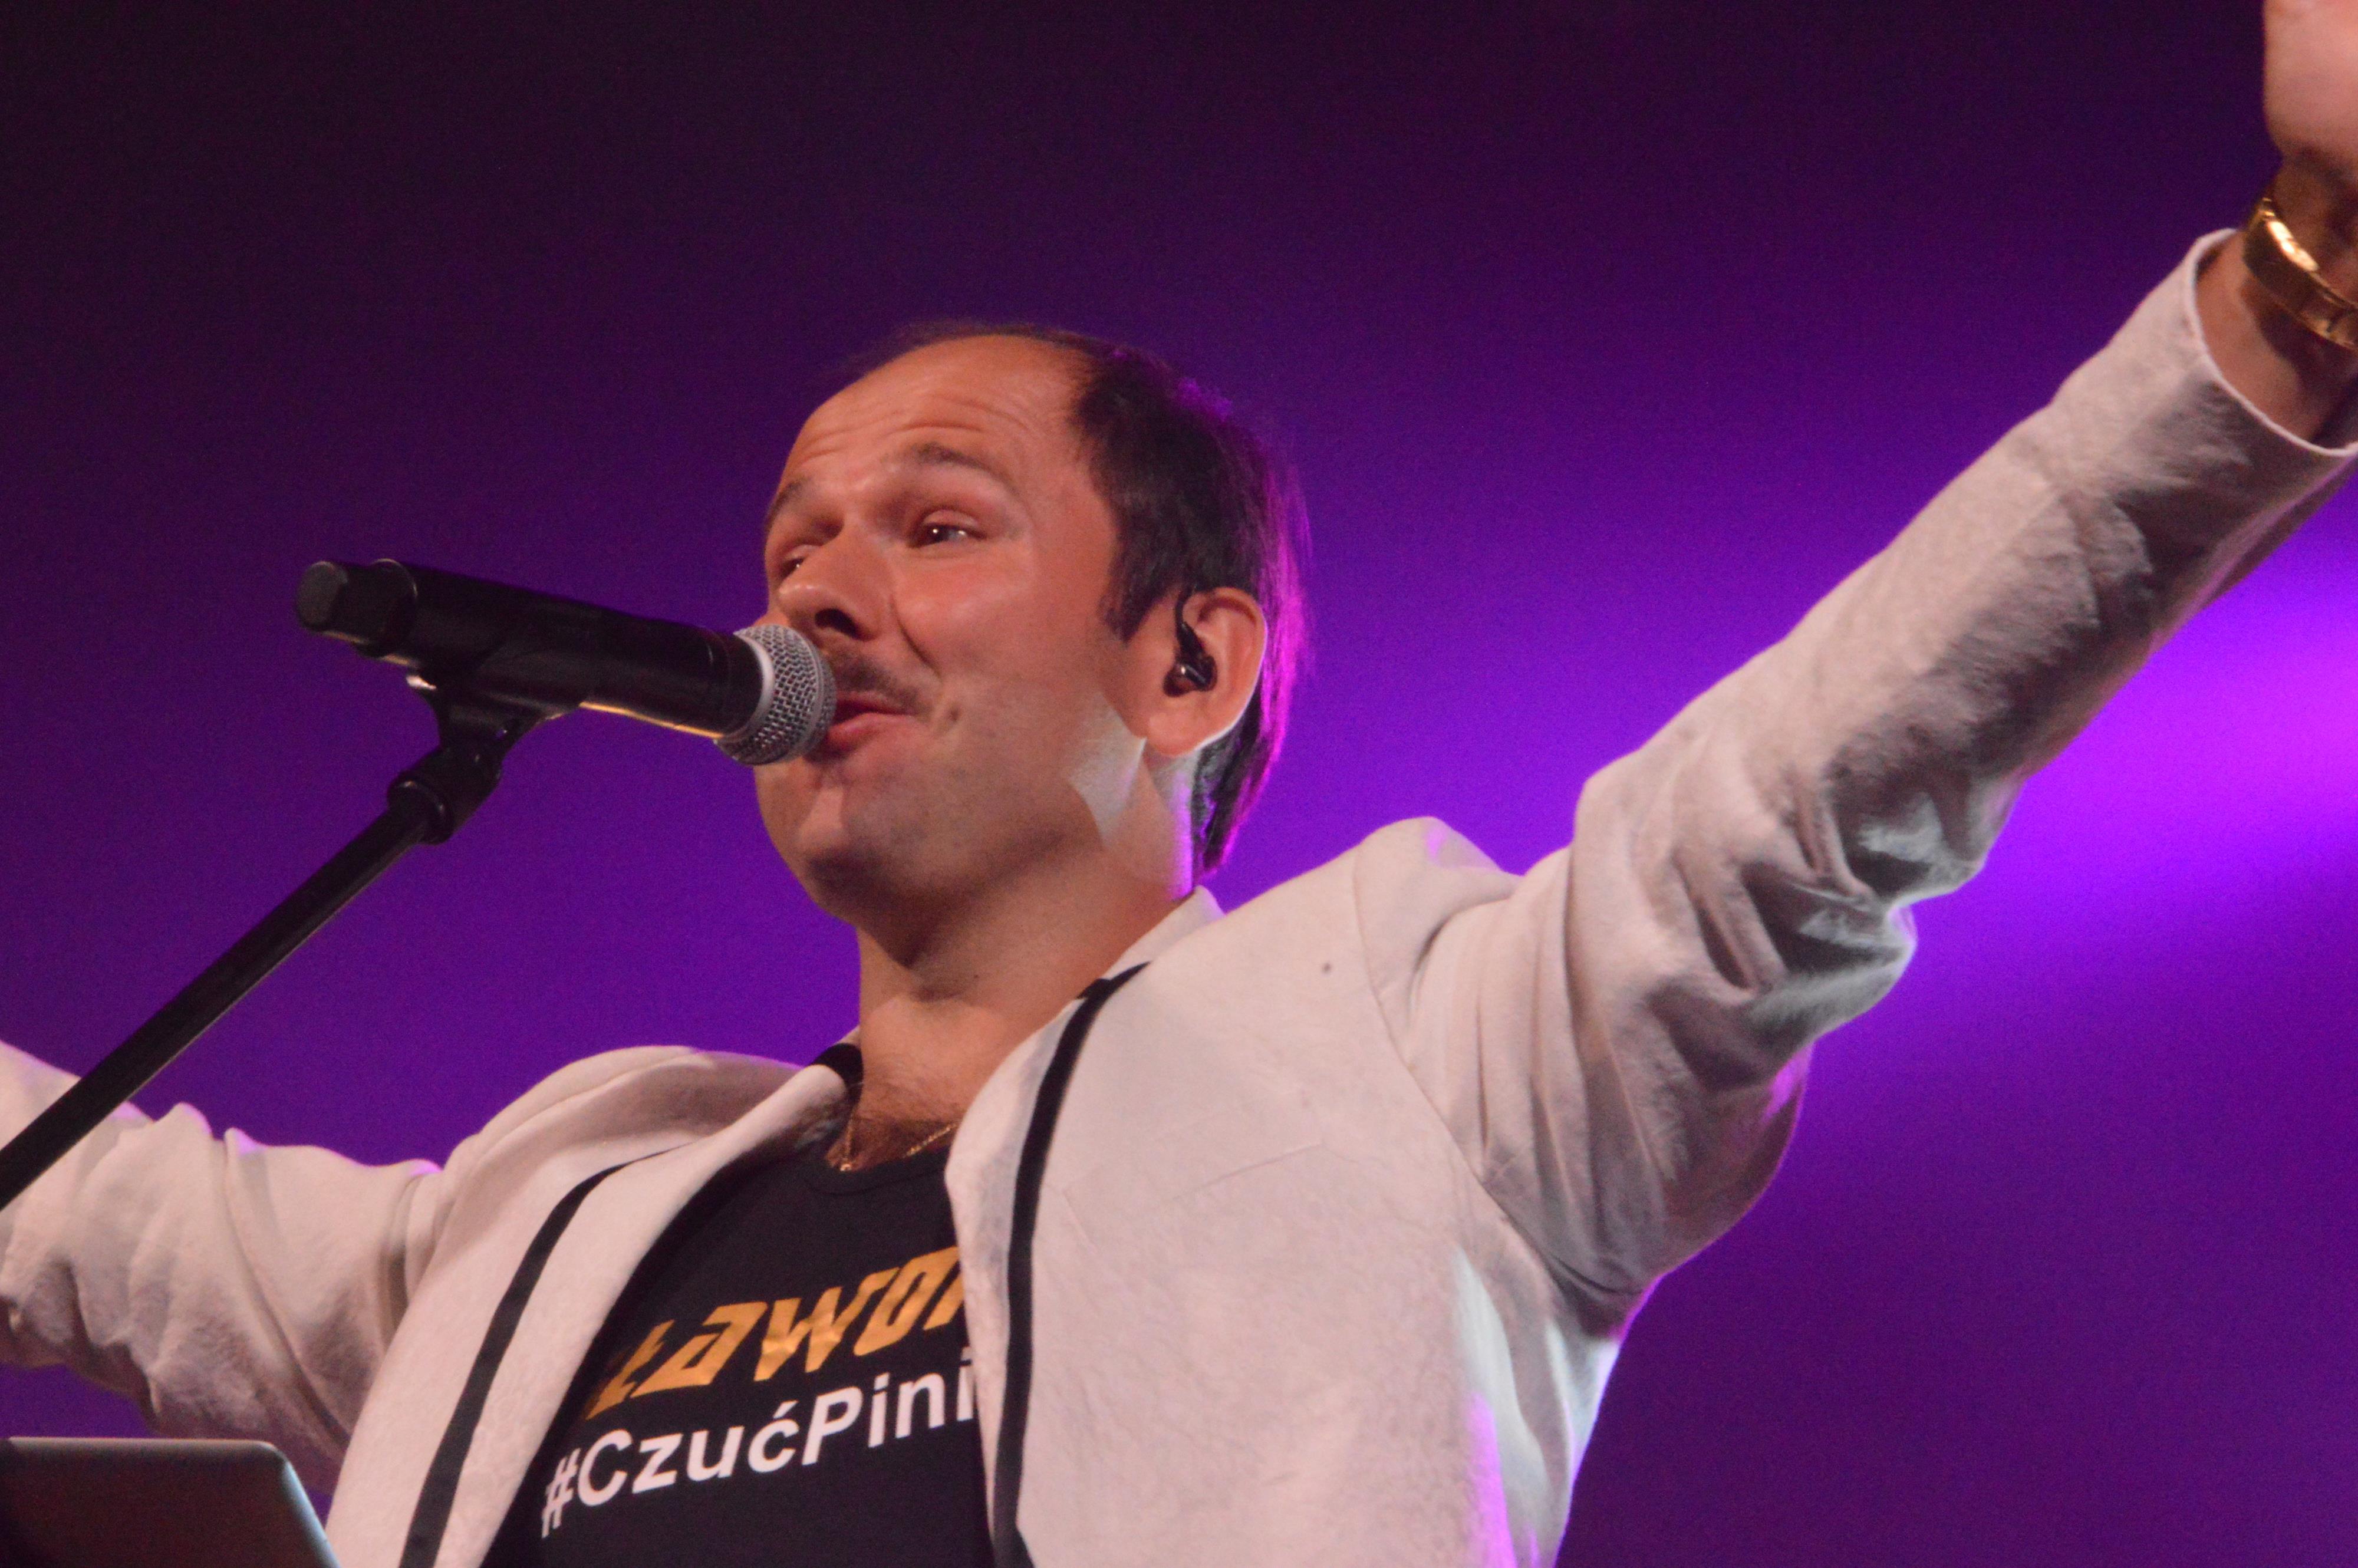 Sławomir ze swoim show w Andrychowie [FOTO]